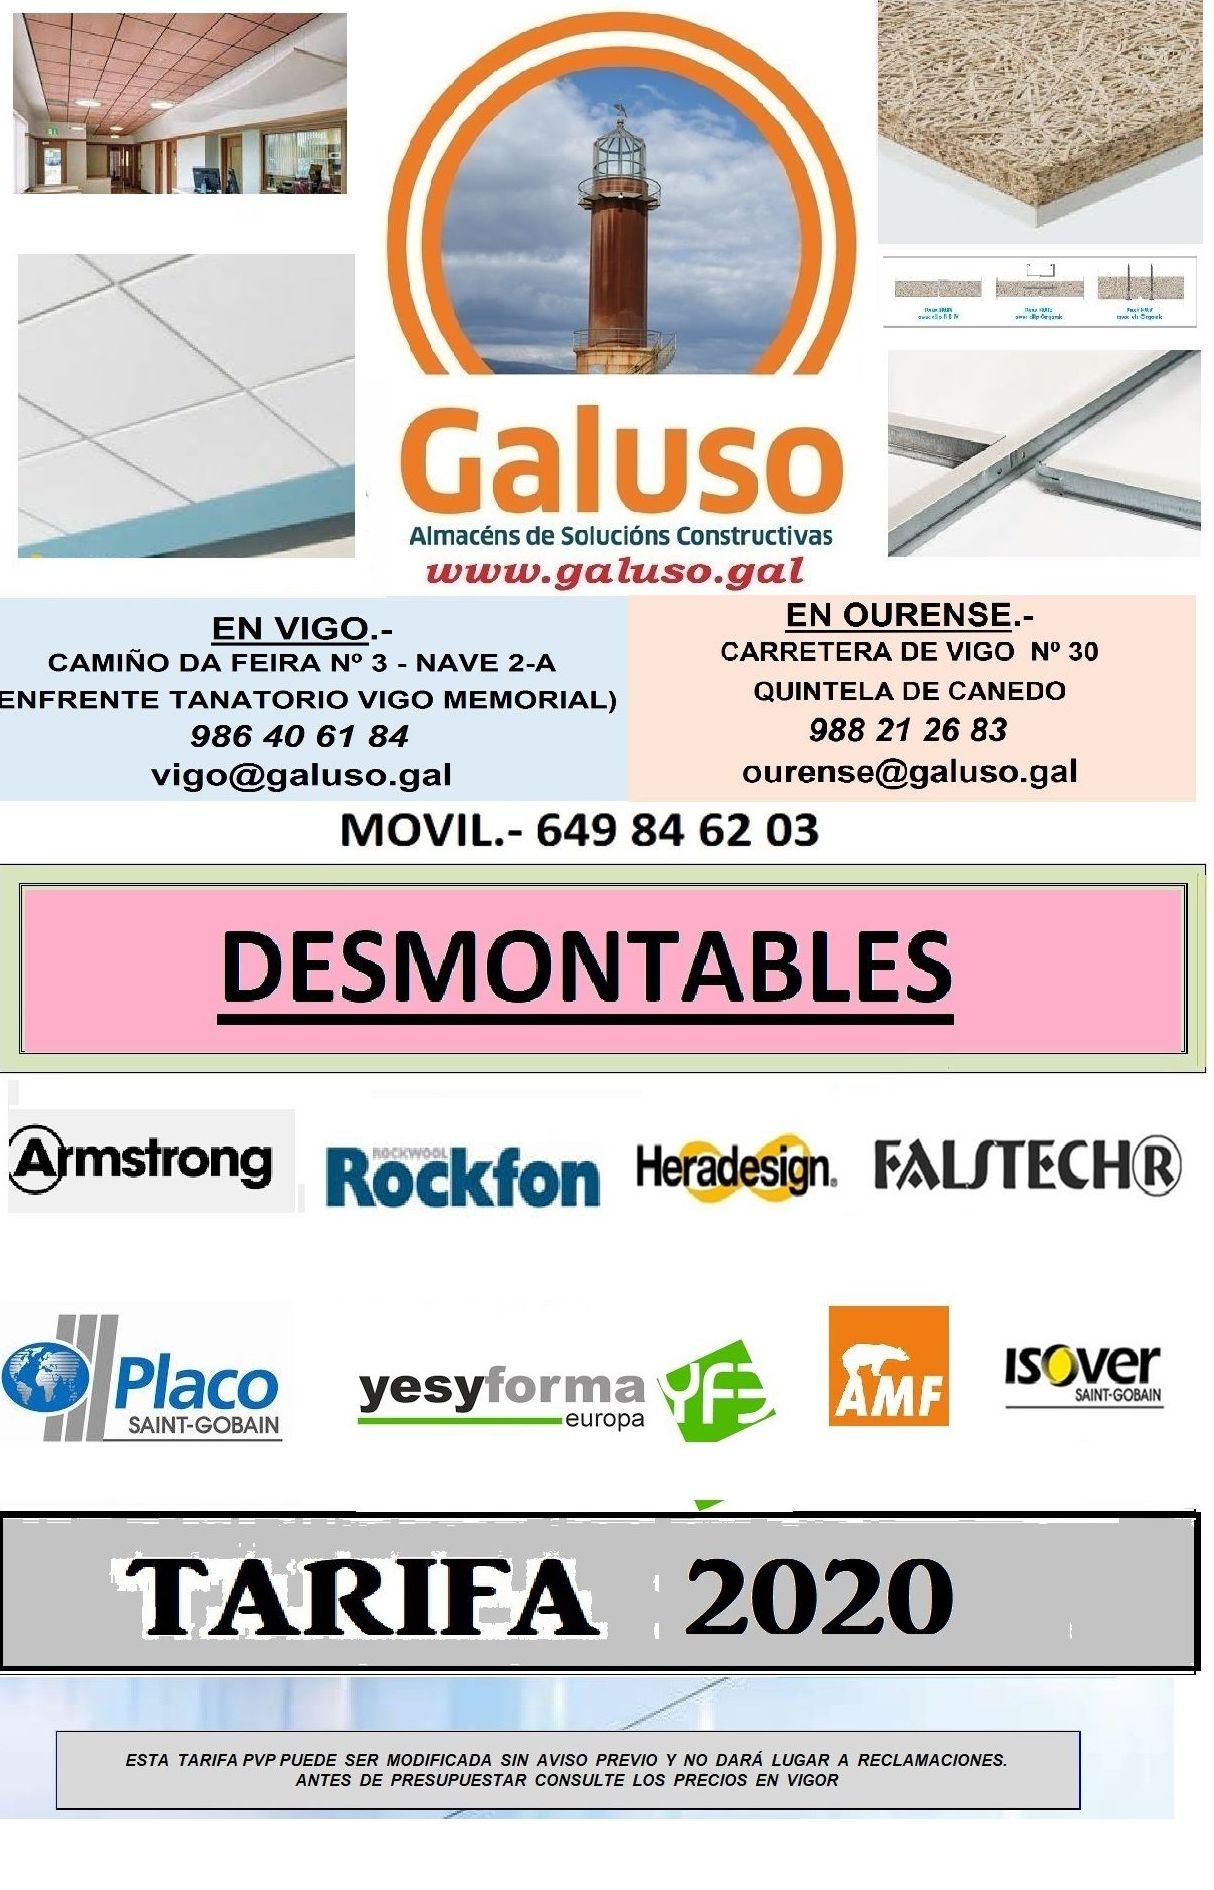 TARIFA DESMONTABLES 2020: Catálogo de Galuso